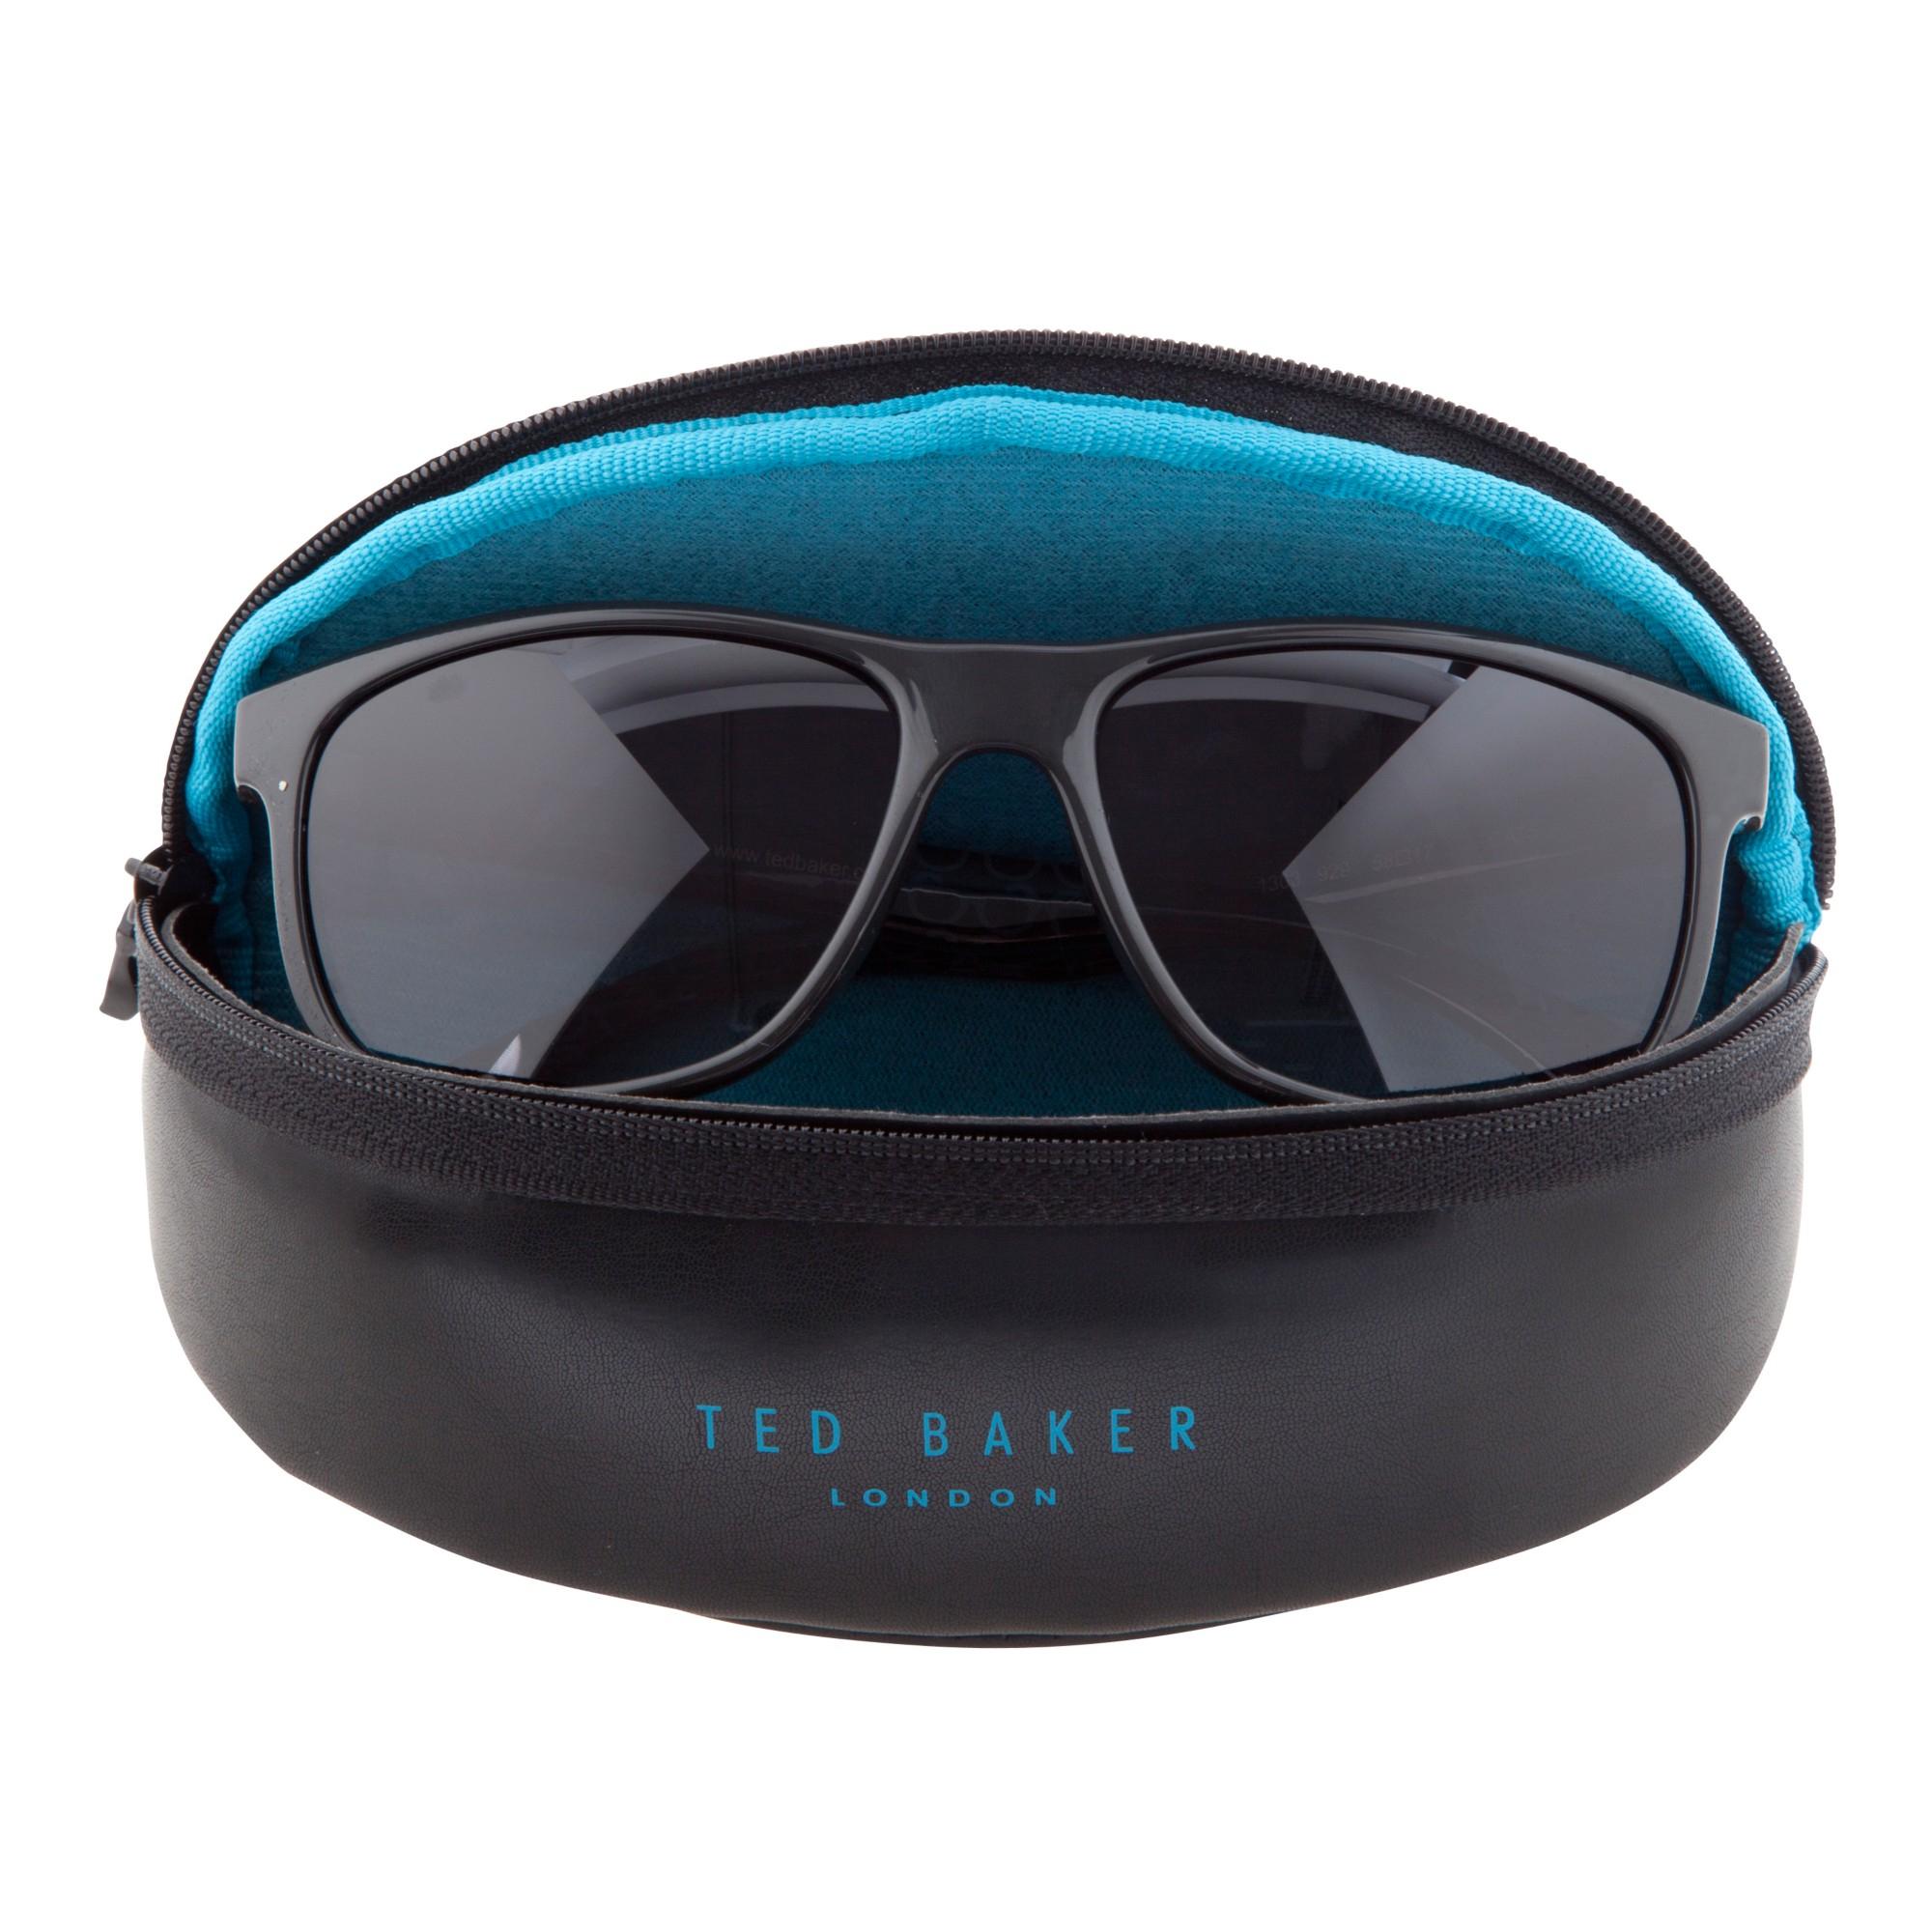 e79971281 Ted Baker Tb1303 Rectangular Framed Sunglasses in Gray - Lyst